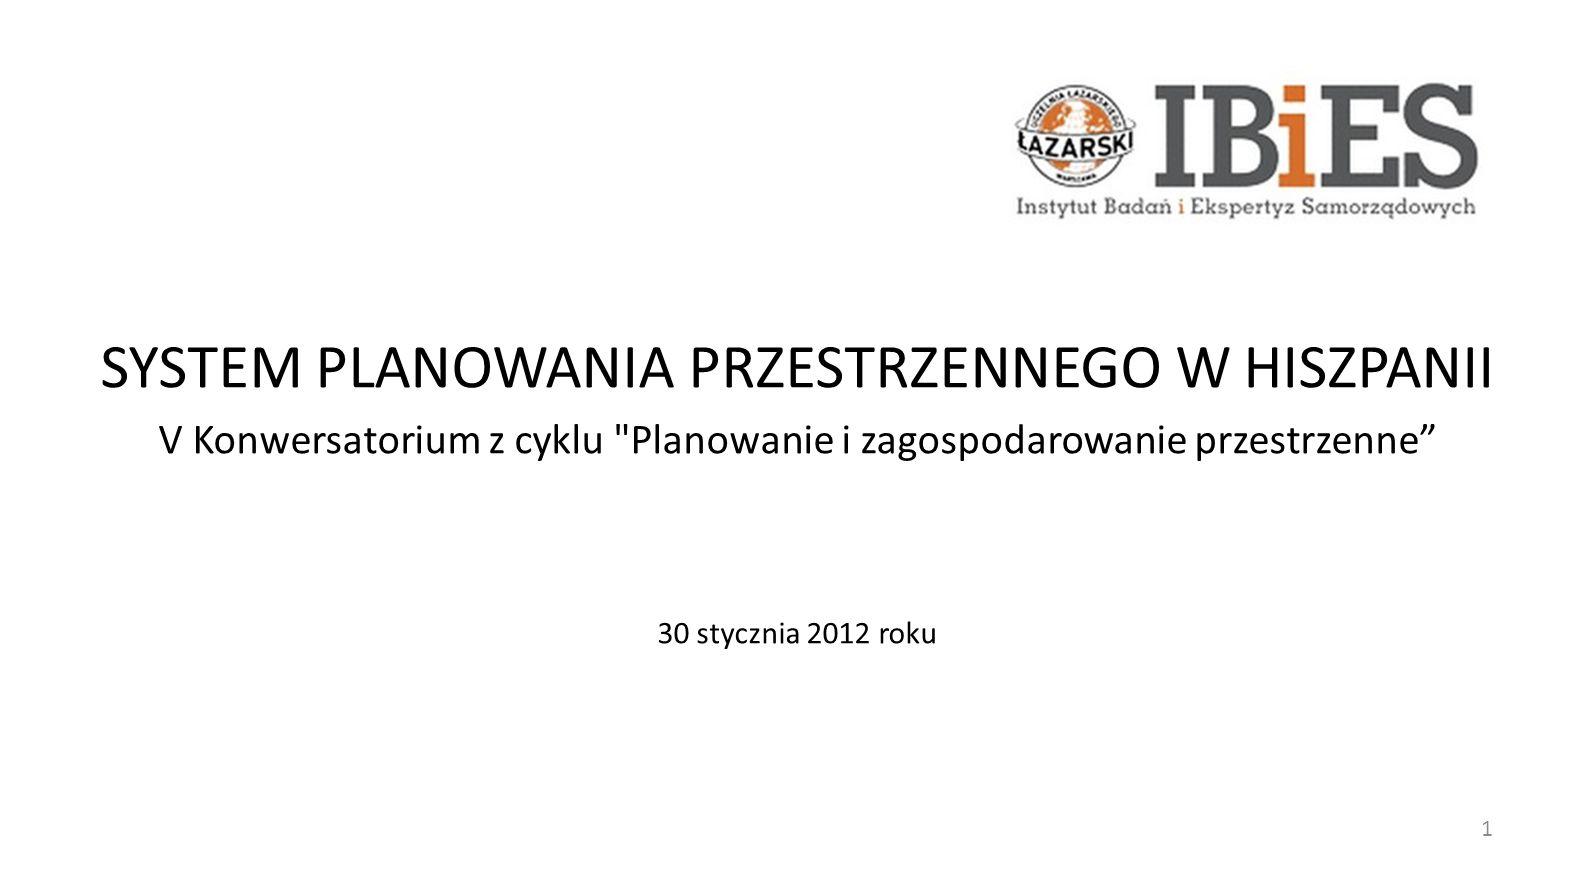 SYSTEM PLANOWANIA PRZESTRZENNEGO W HISZPANII V Konwersatorium z cyklu Planowanie i zagospodarowanie przestrzenne 30 stycznia 2012 roku 1